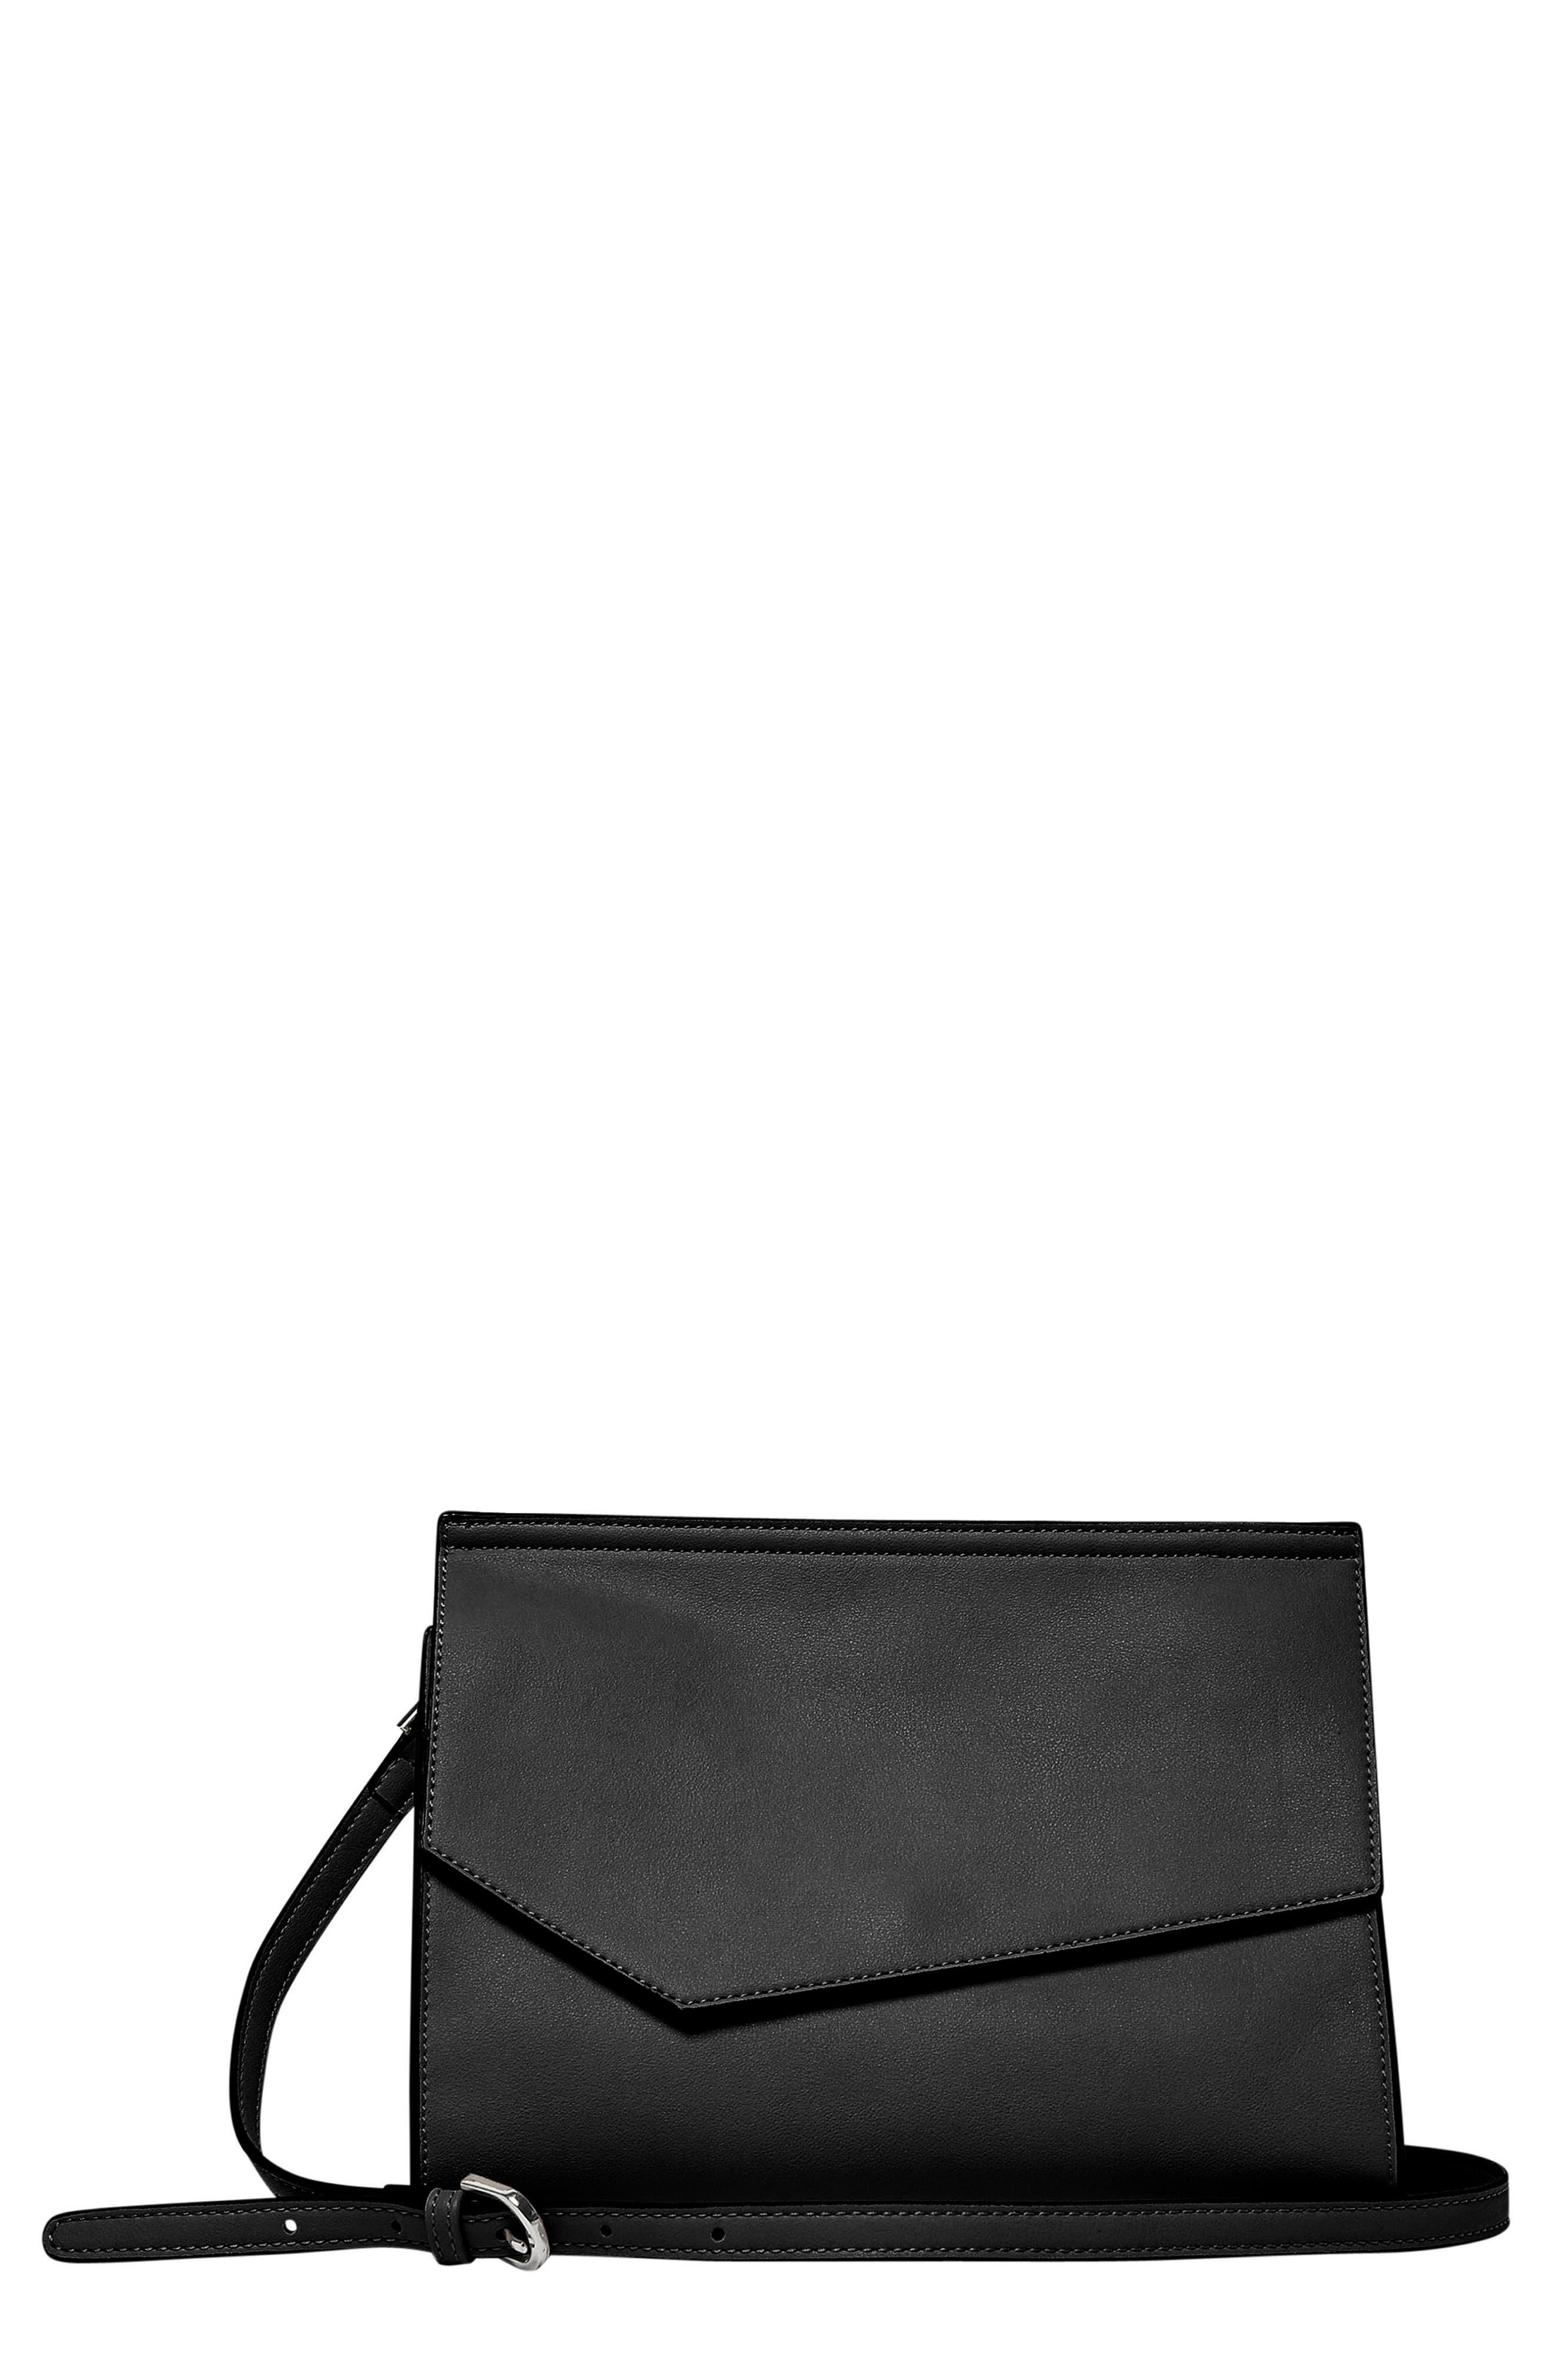 Shimmer Vegan Leather Shoulder Bag,                             Main thumbnail 1, color,                             006